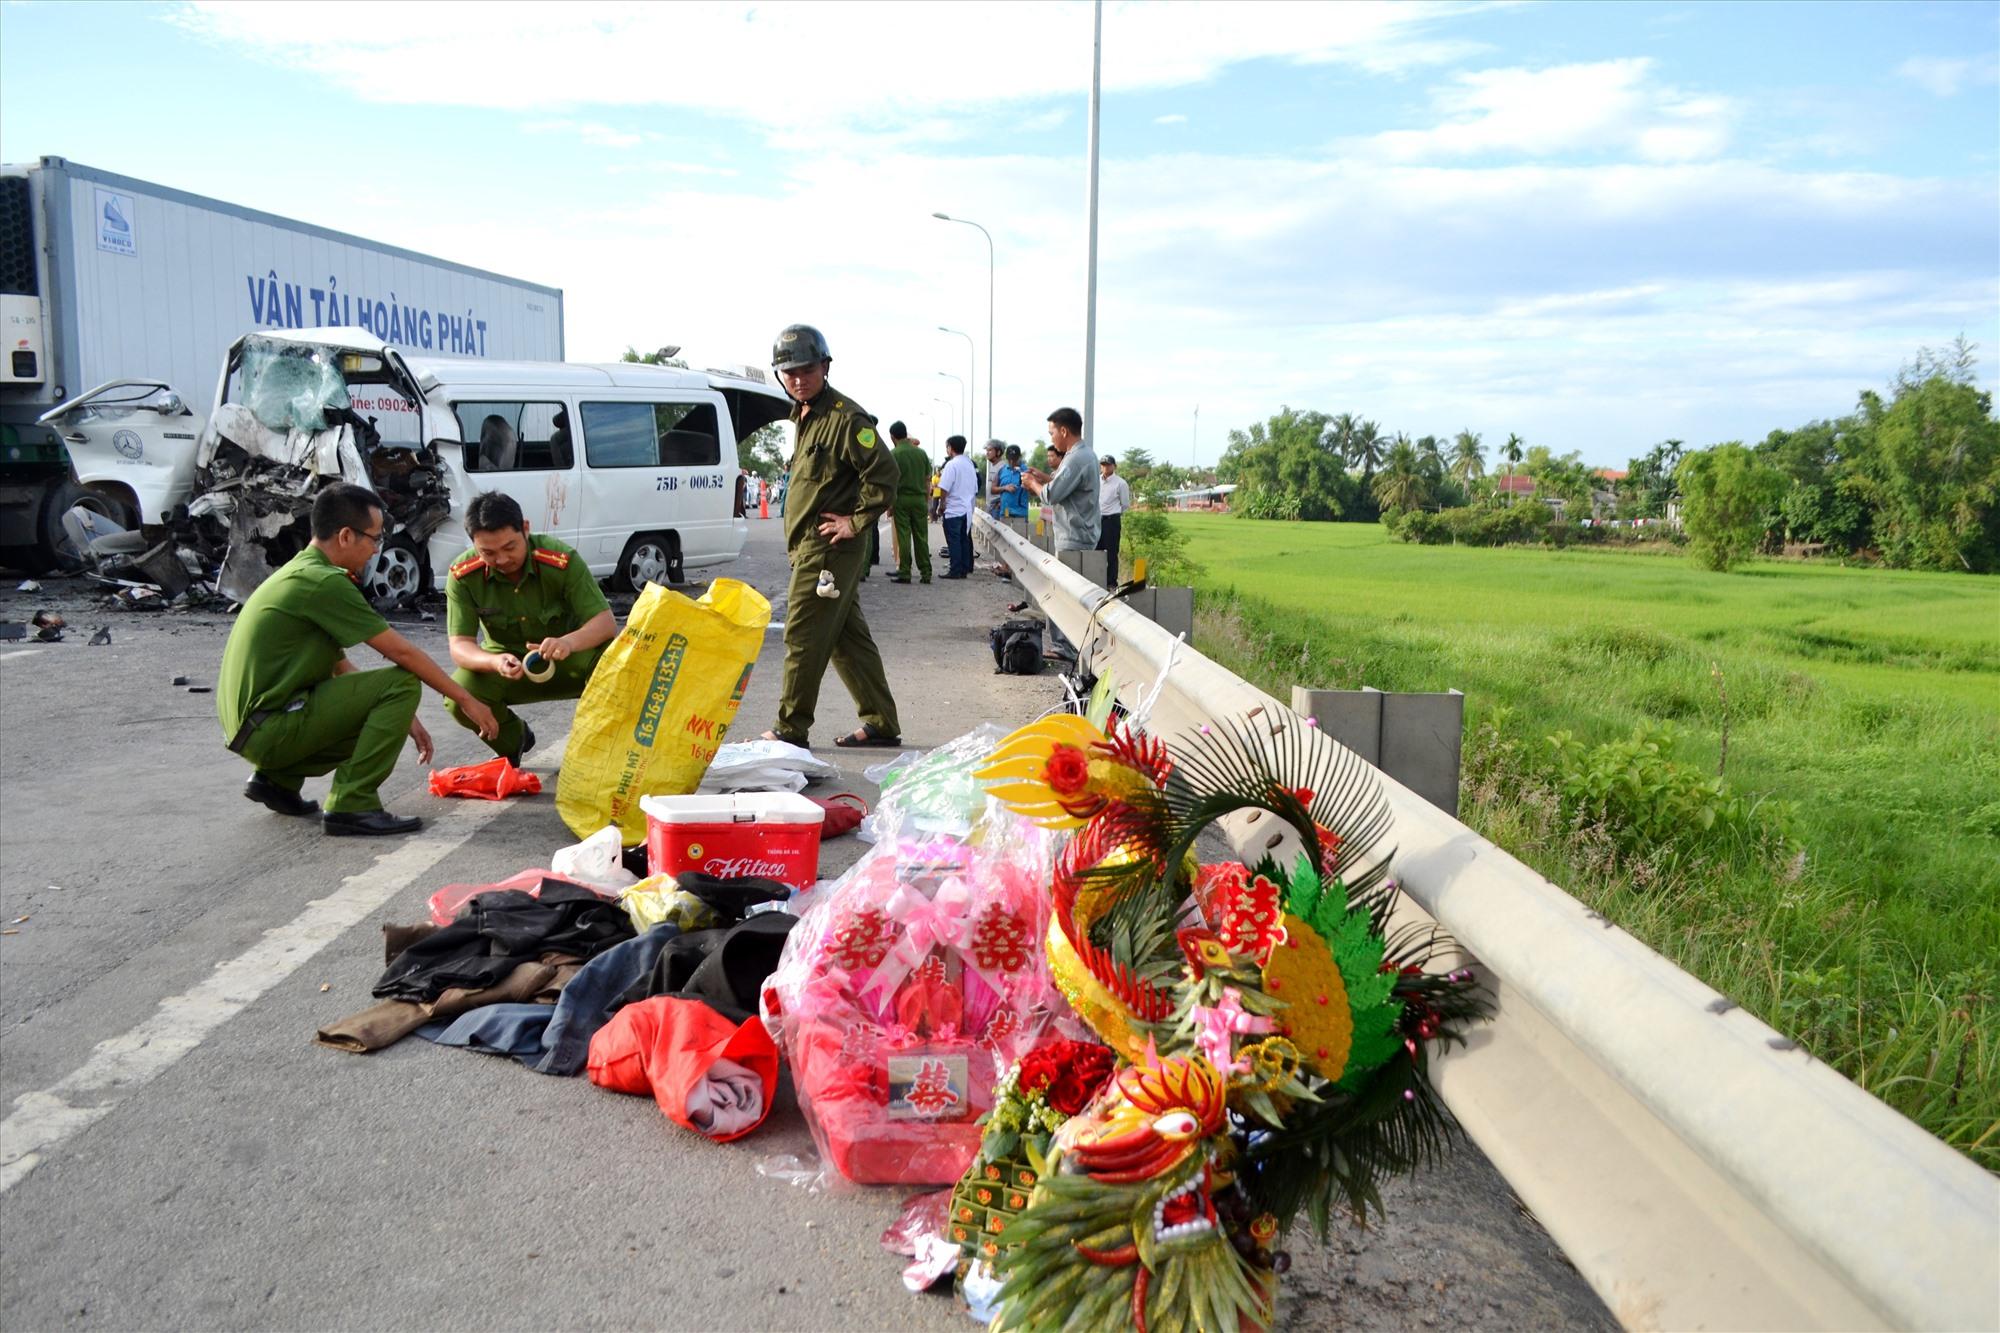 Vụ TNGT sáng ngày 30.7.2018 biến ngày đại hỷ của một thanh niên xã Hải Sơn, huyện Hải Lăng (Quảng Trị) thành ngày đại tang.